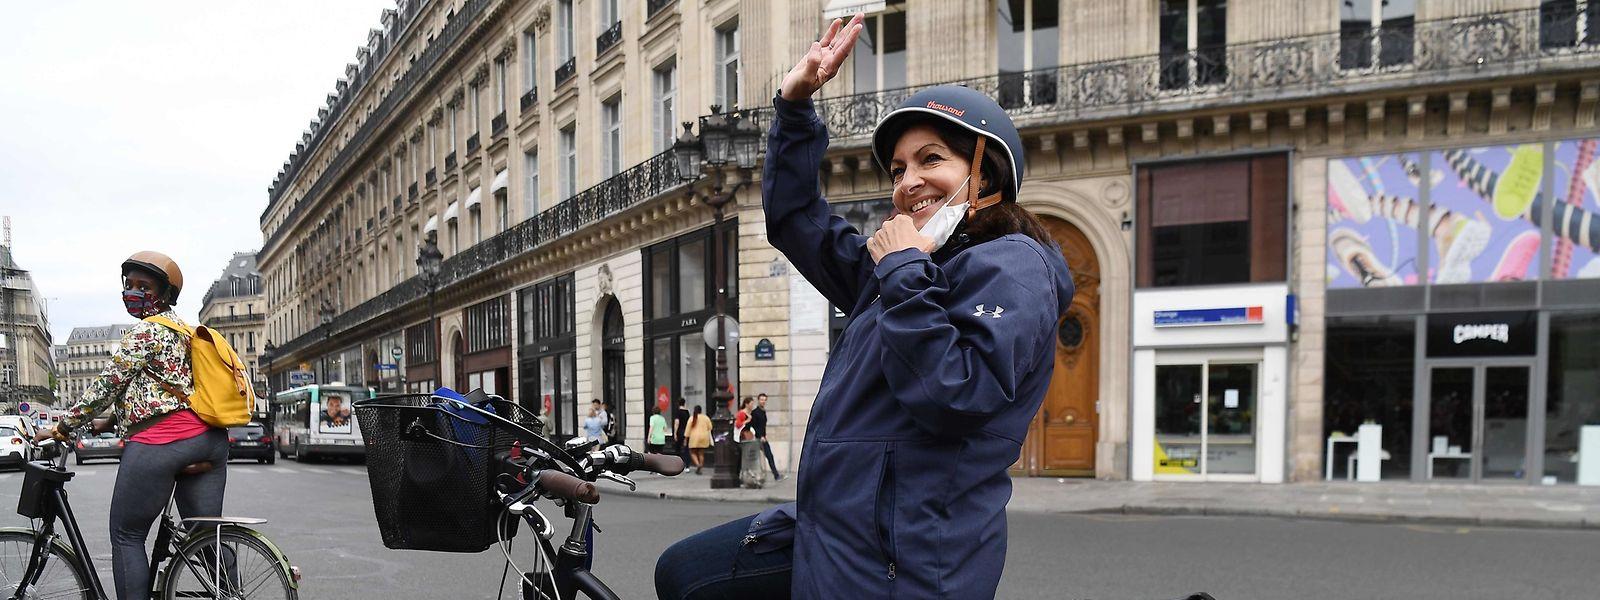 Anne Hidalgo, maire socialiste de Paris,  compte parmi les candidats potentiels de la gauche pour l'élection présidentielle.